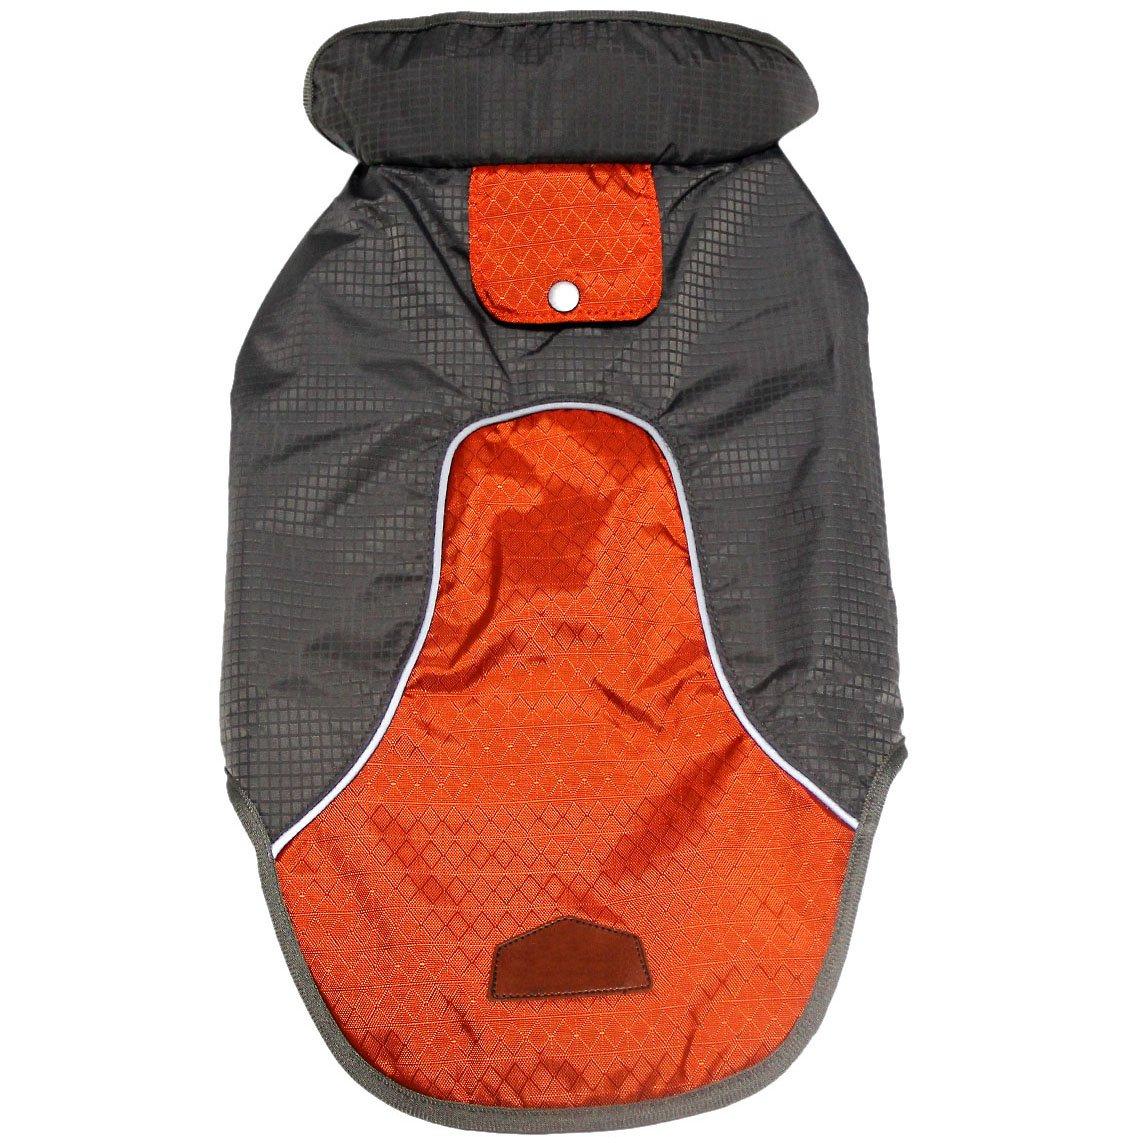 Premium Outdoor Sport imperméable (Veste pour chien super respirant en maille doublée pour chien manteaux pour chiens de petite taille par Joydaog, Orange Qingwanke